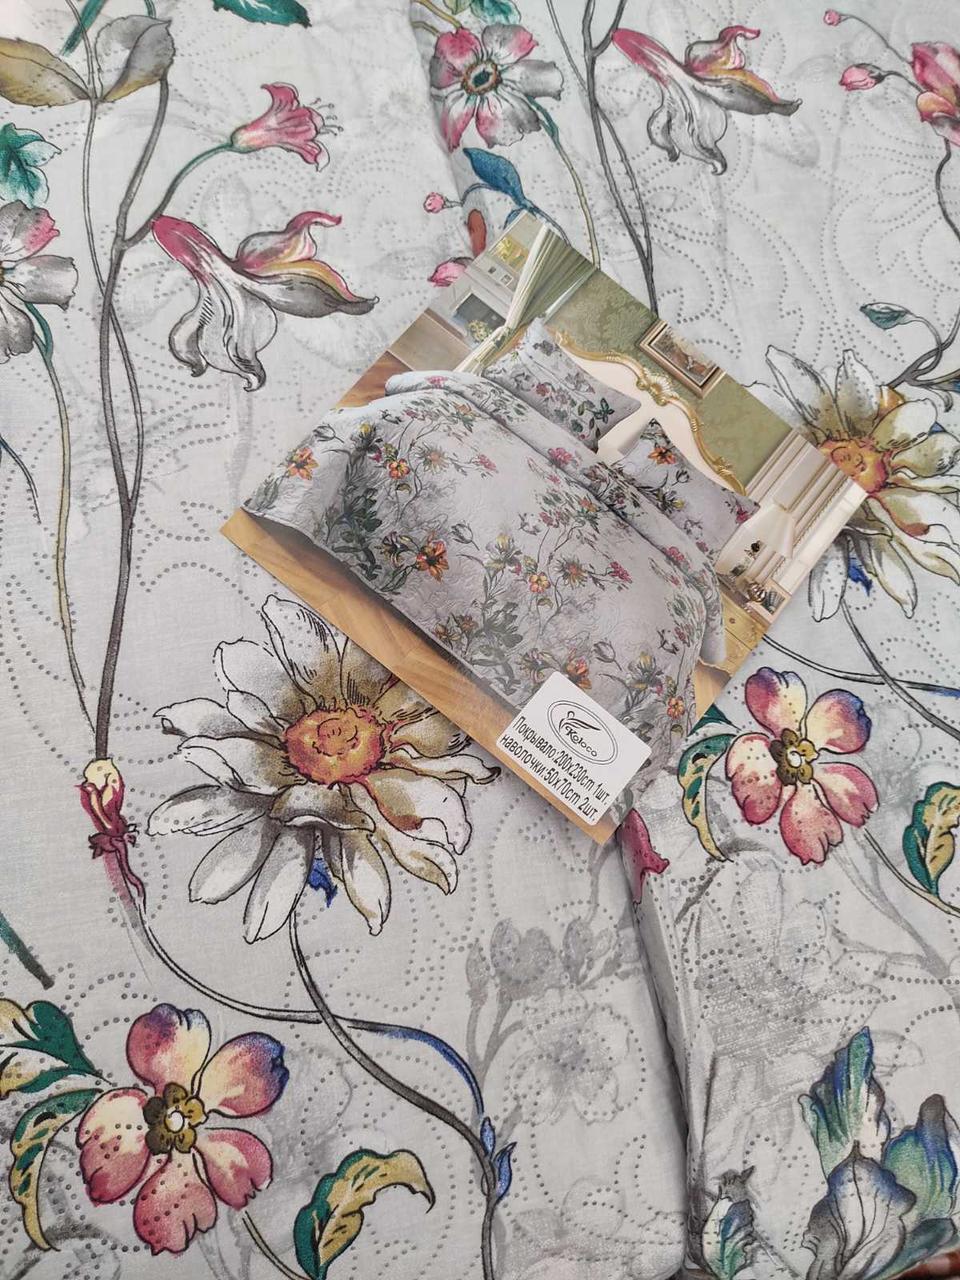 Летнее одеяло покрывало плед на кровать хлопок принт Цветы евро размер 200х230 см 2 наволочки 50х70 см Турция